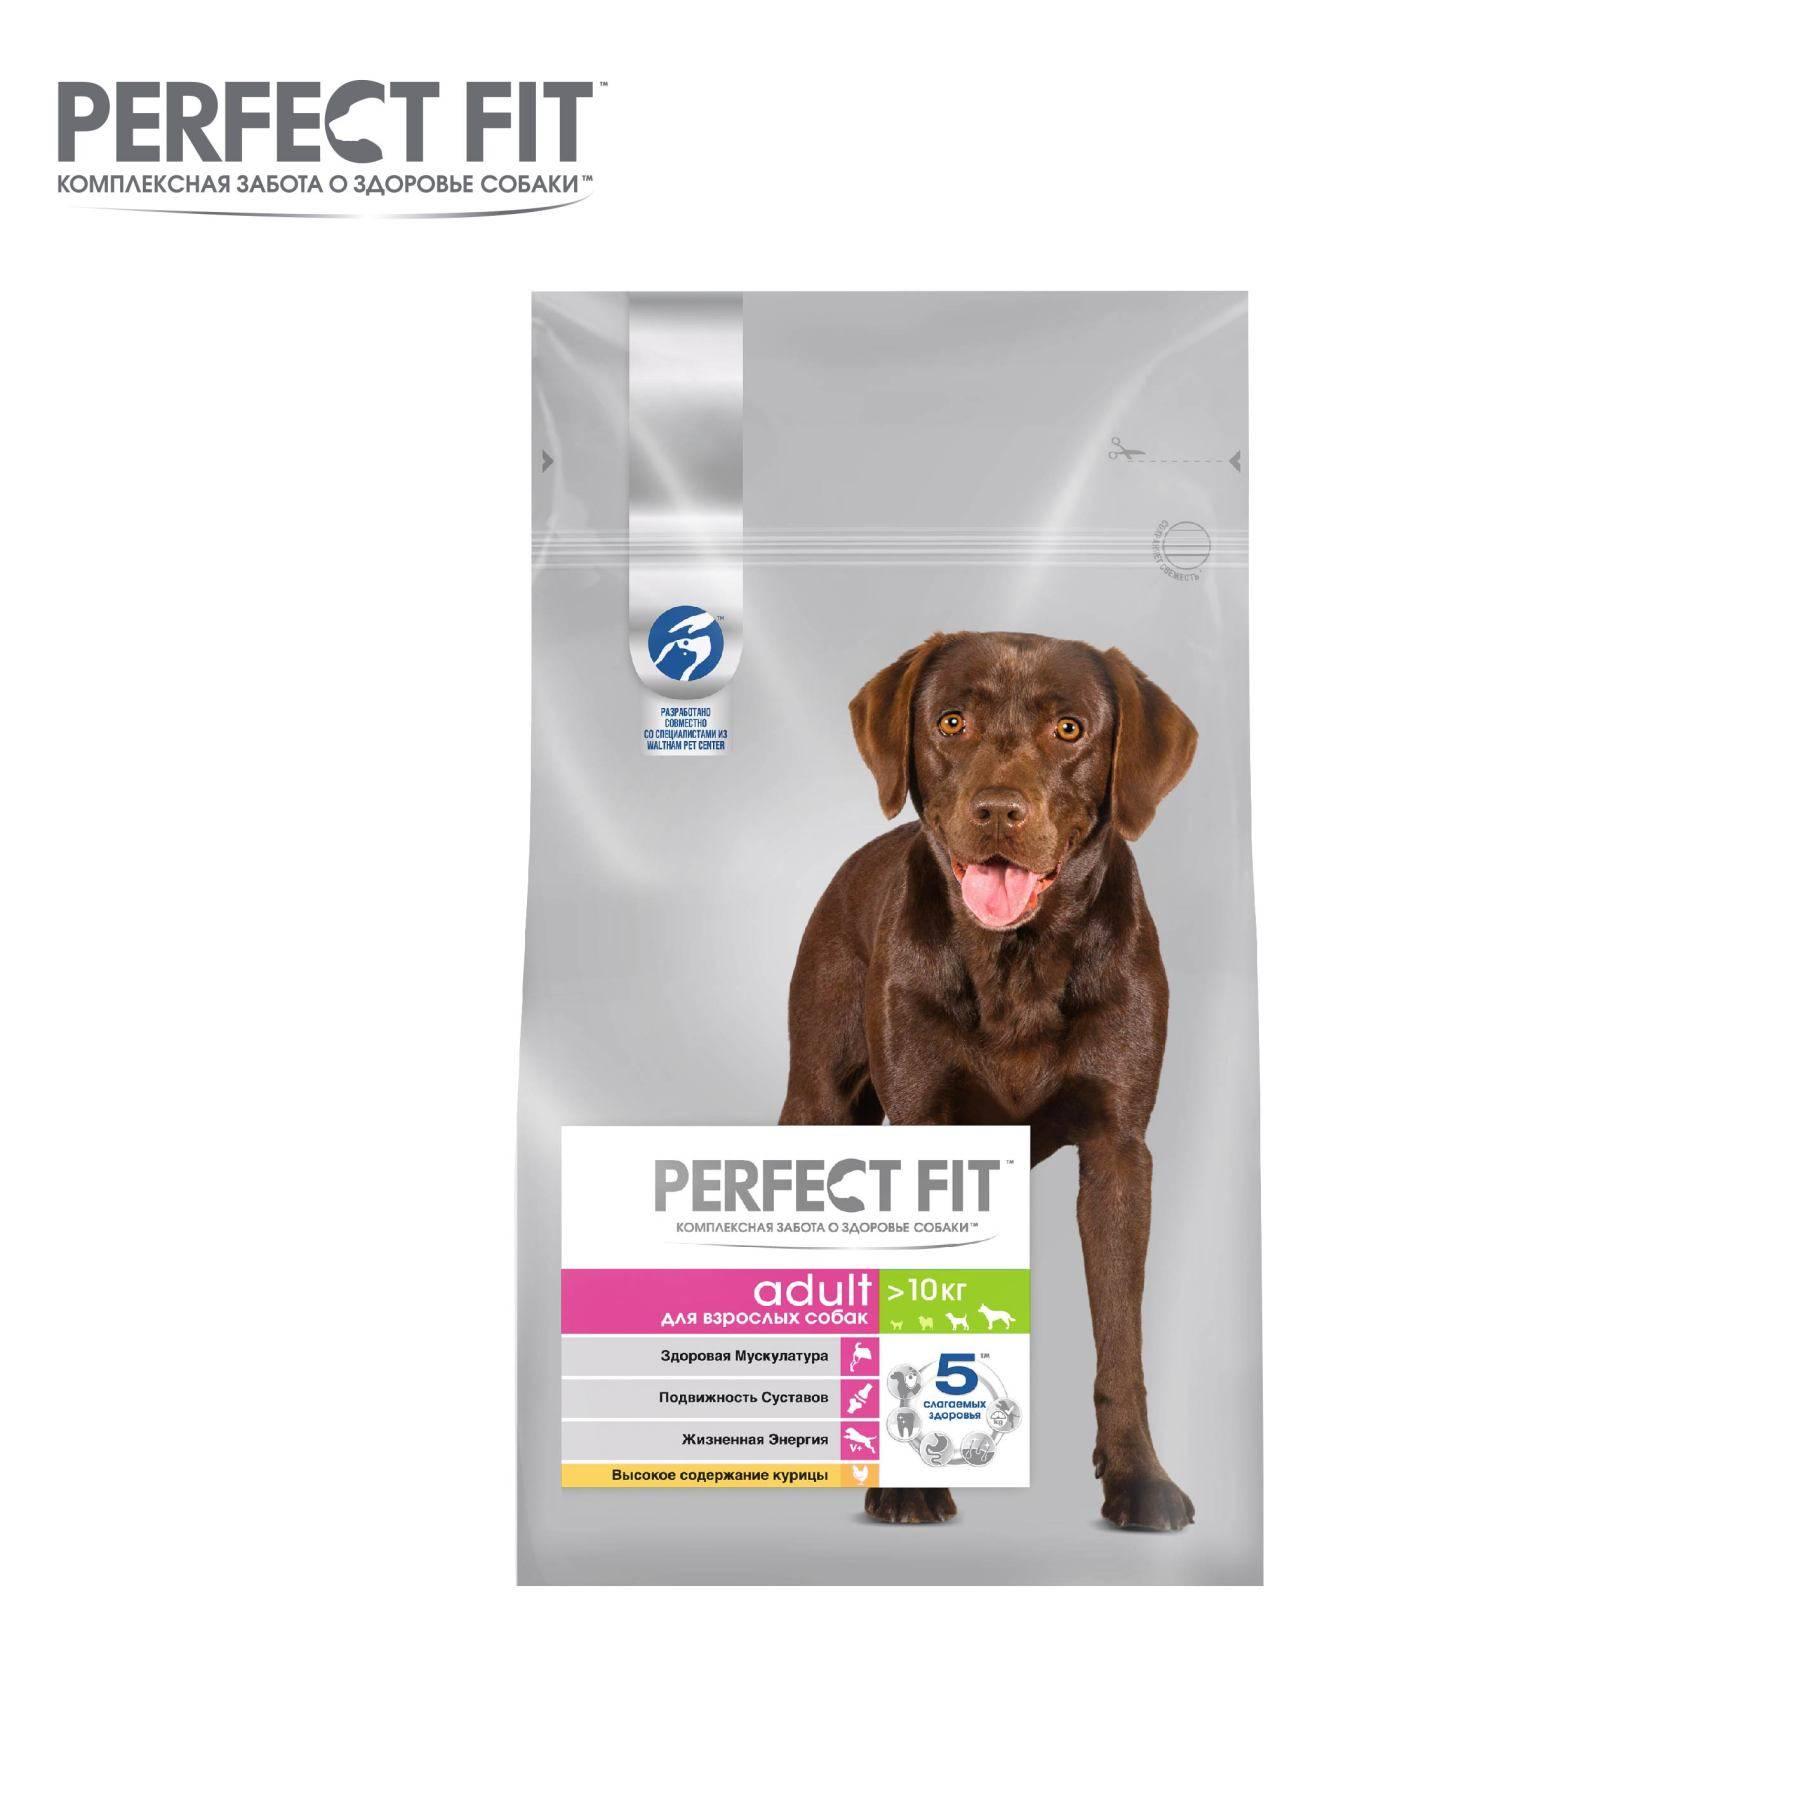 Корма для собак perfect fit: ассортимент, анализ состава, плюсы и минусы, выводы